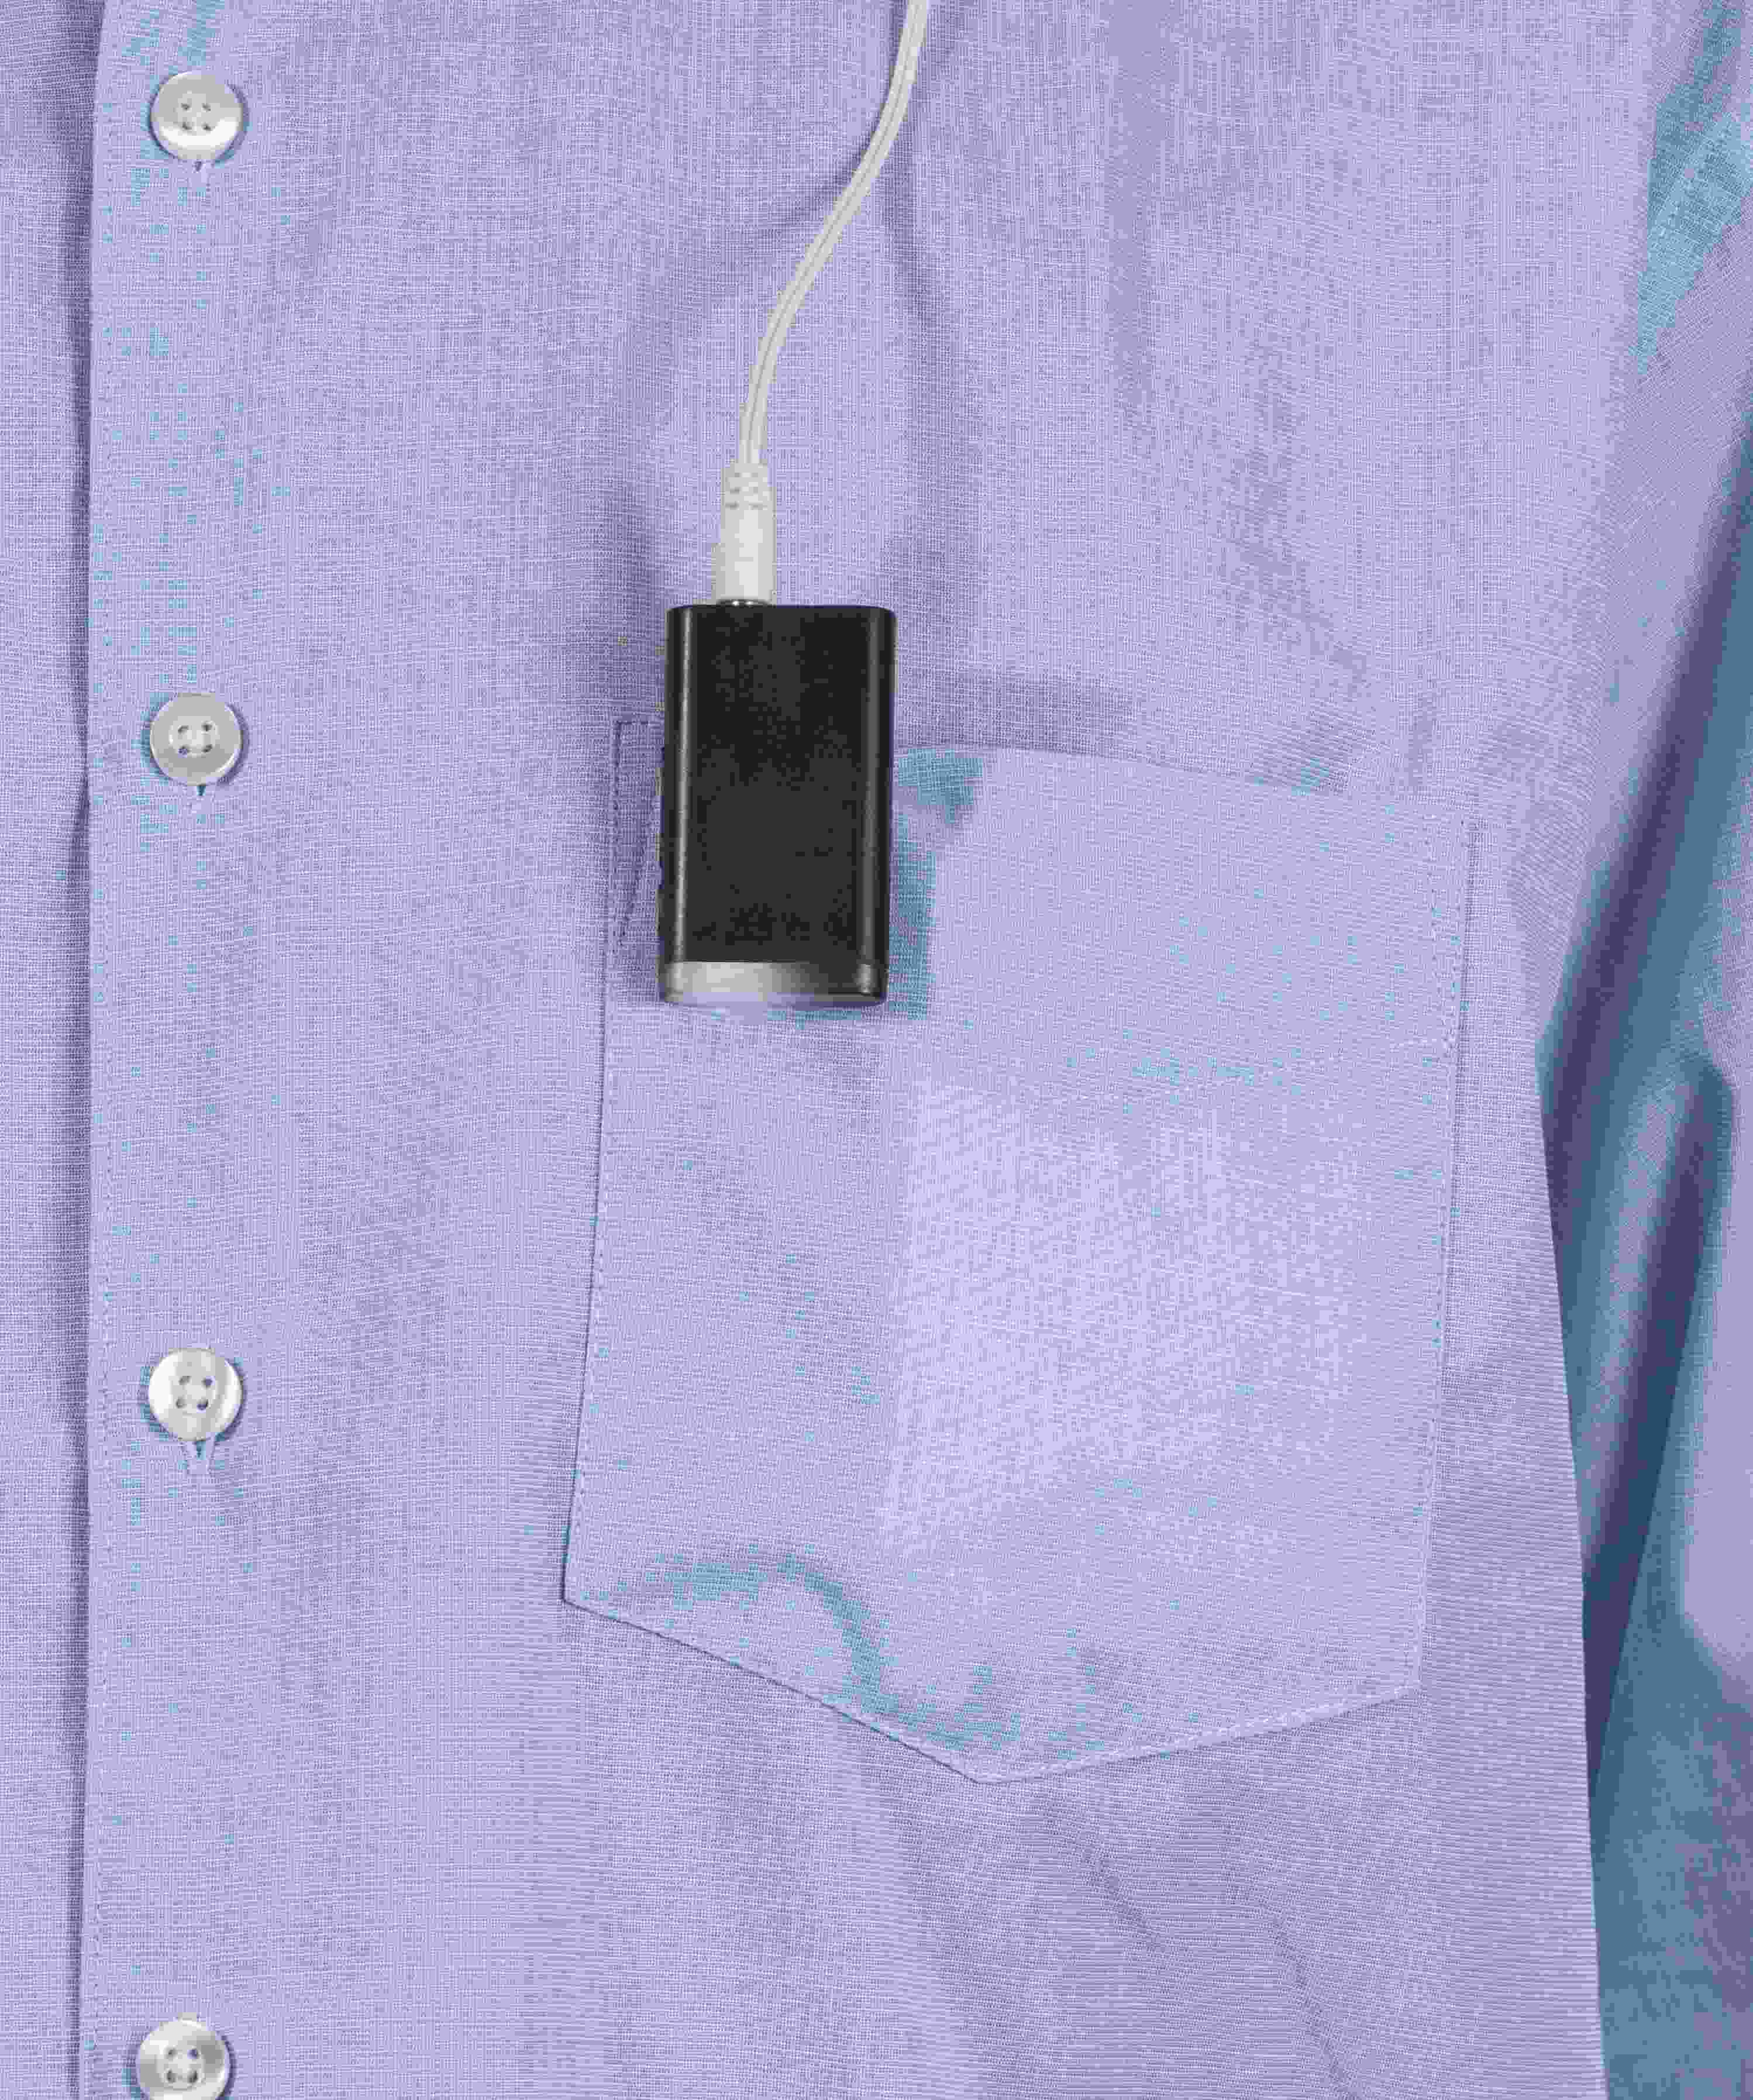 Cadeau publicitaire - Récepteur Bluetooth® Harald